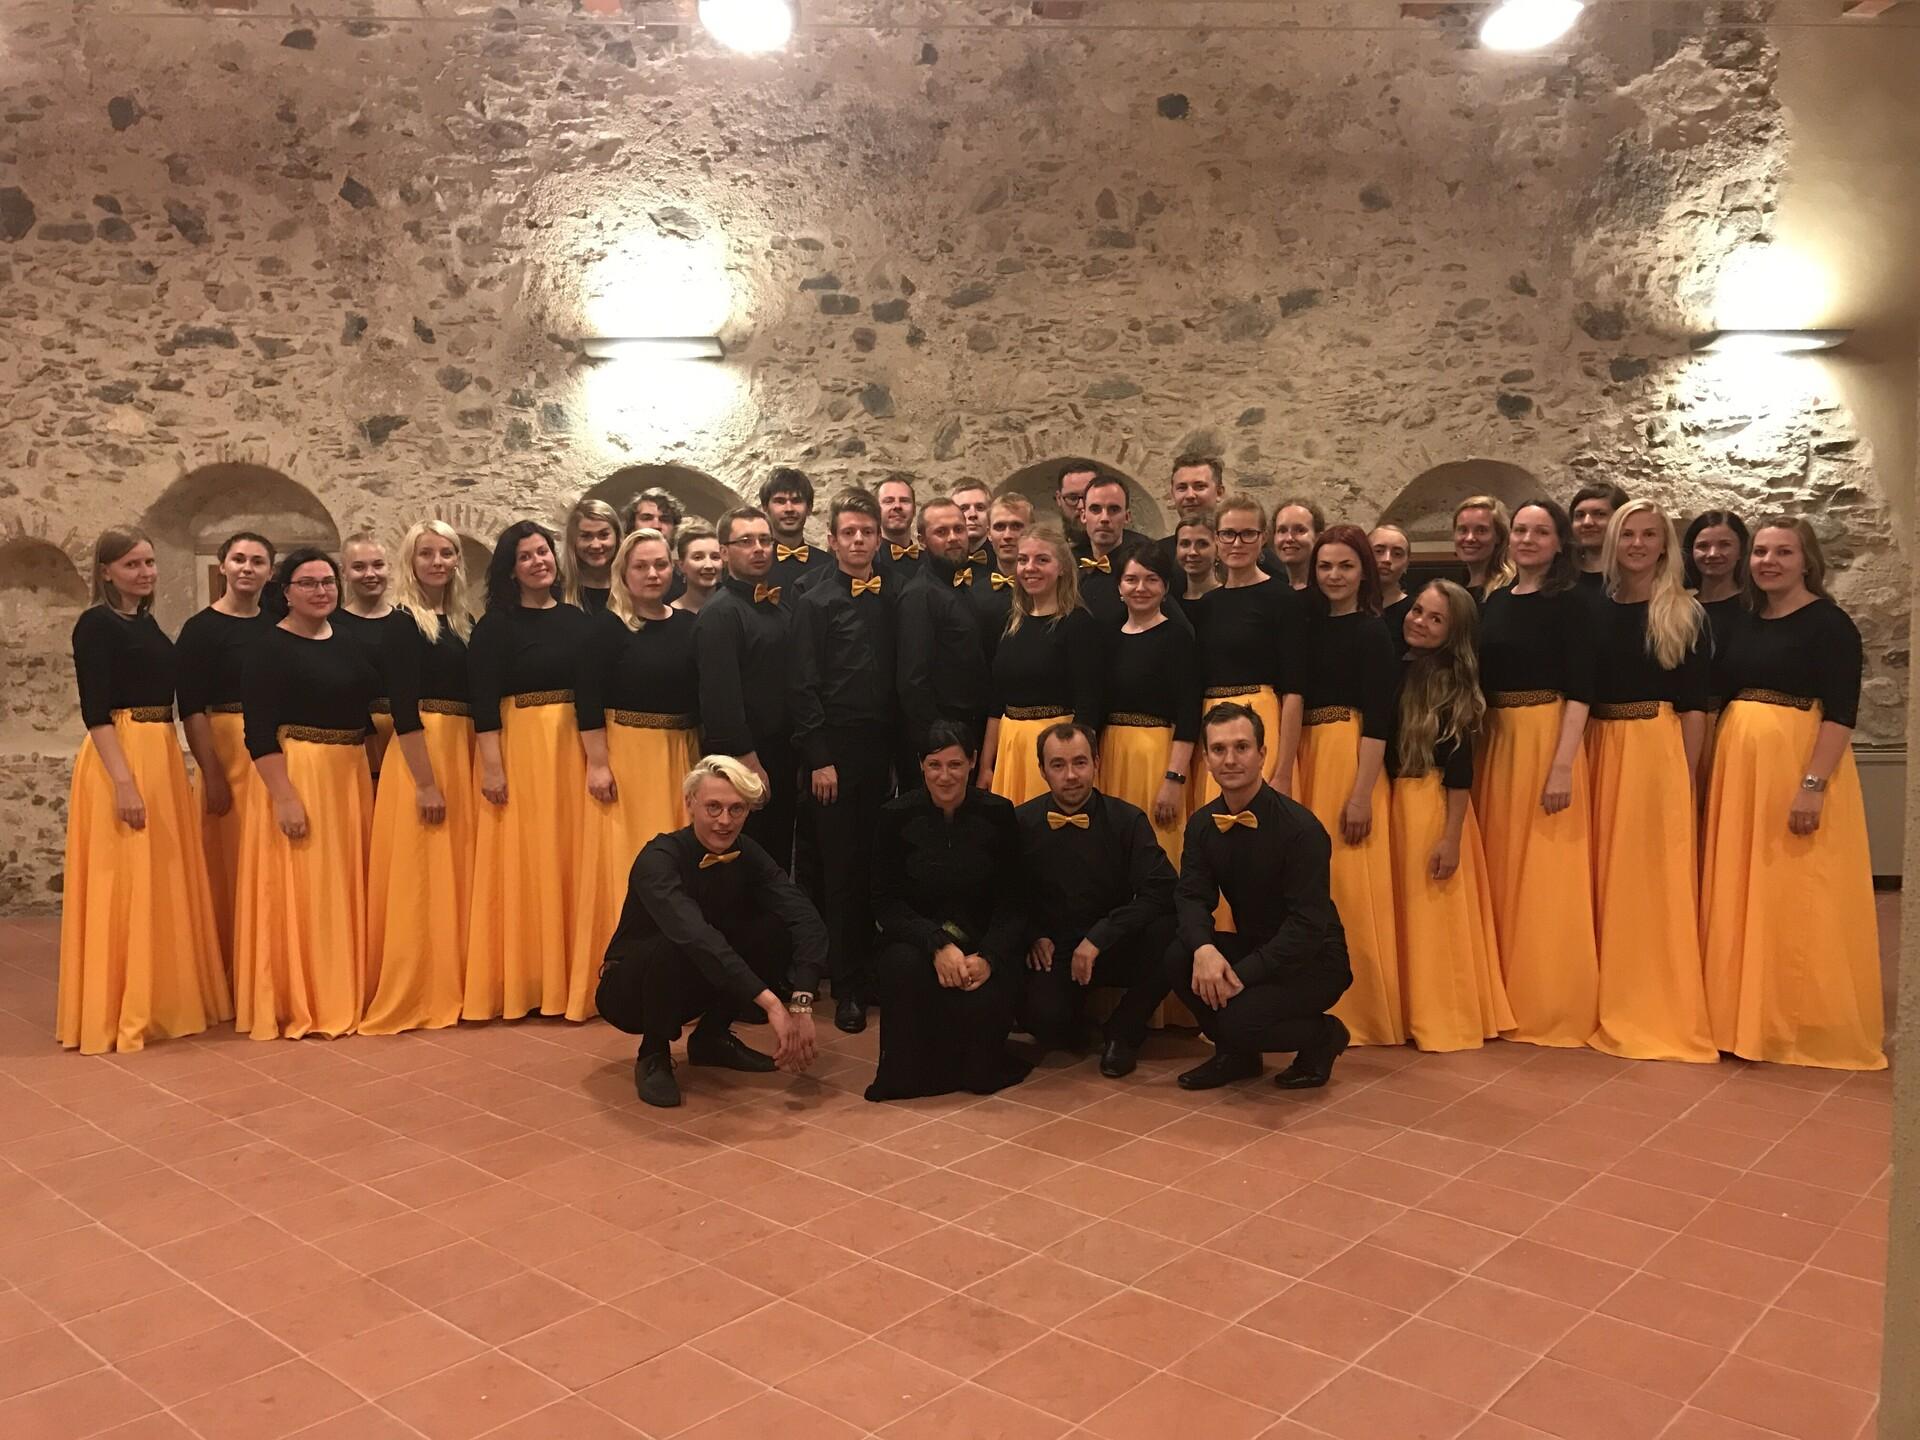 8ae0b74c92a Noortekoor Vox Populi võitis Sitsiilias toimunud koorikonkursil kulla ja  teise koha | Muusika | ERR